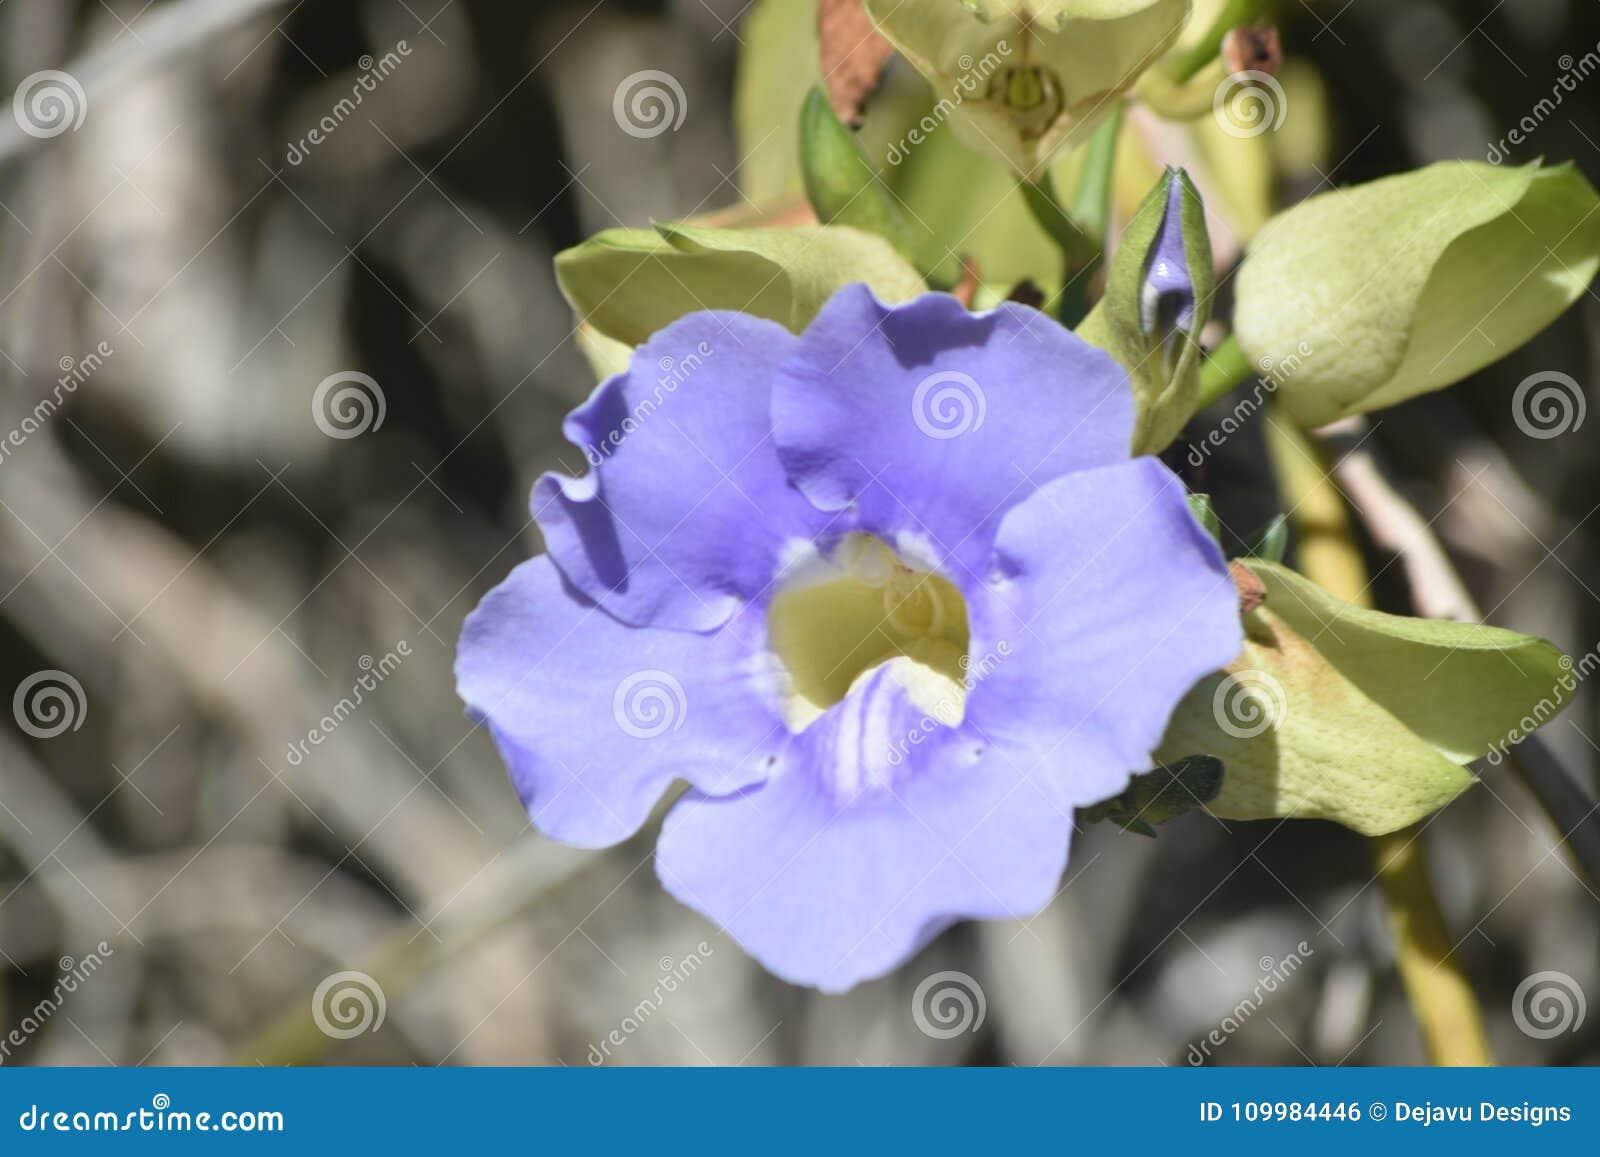 Fermez-vous vers le haut de la photo d une fleur de gloire de matin